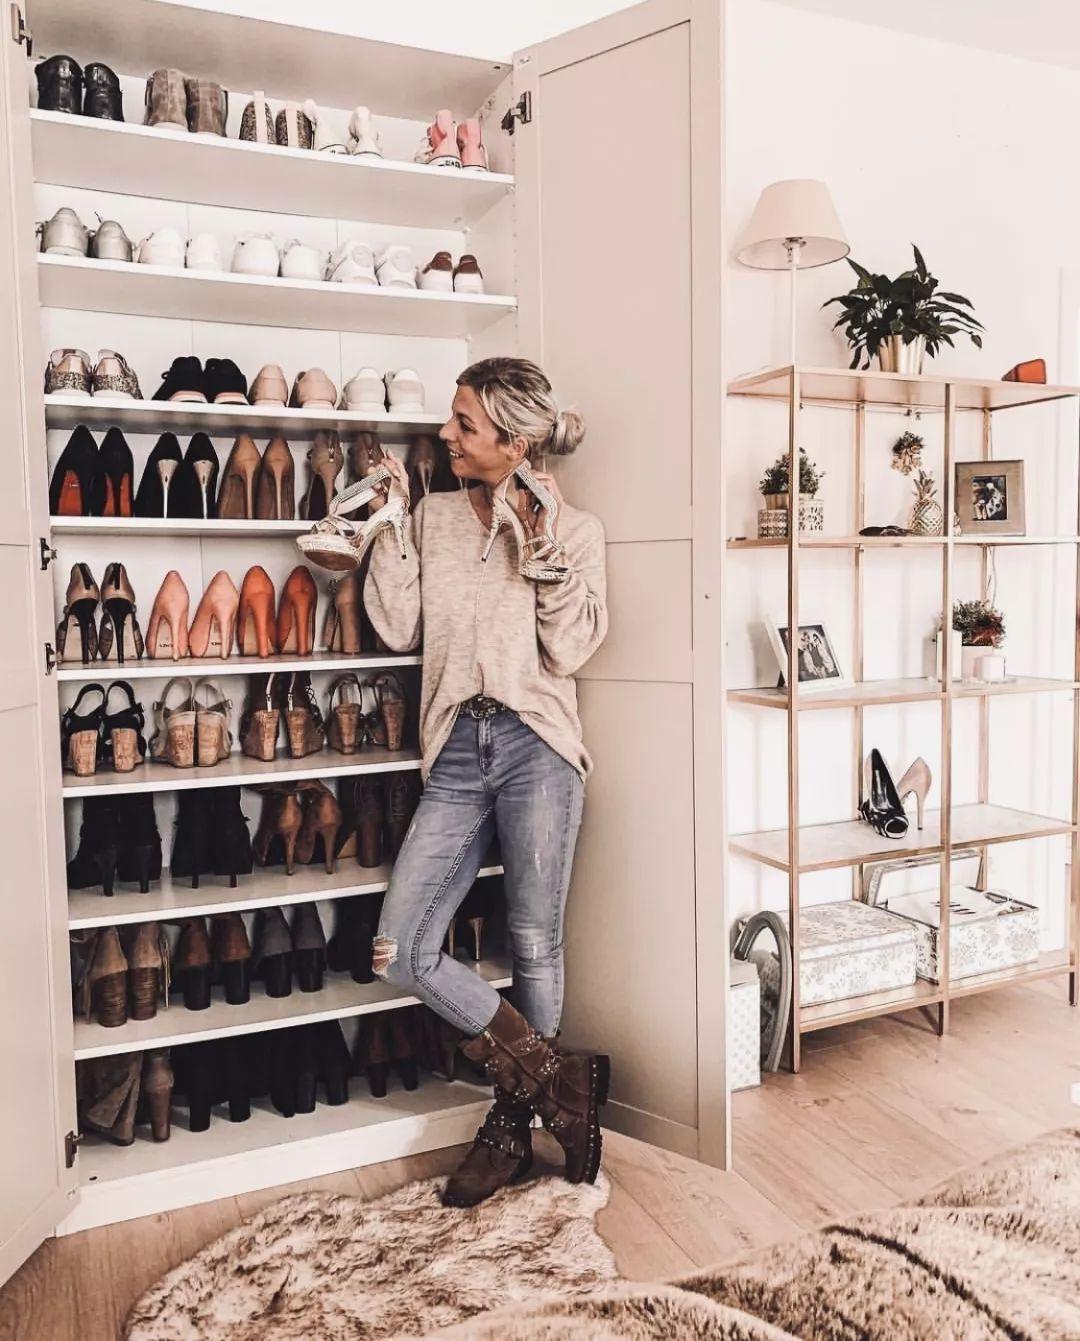 女人选择什么生活,看她穿的鞋就知道!| 穿搭